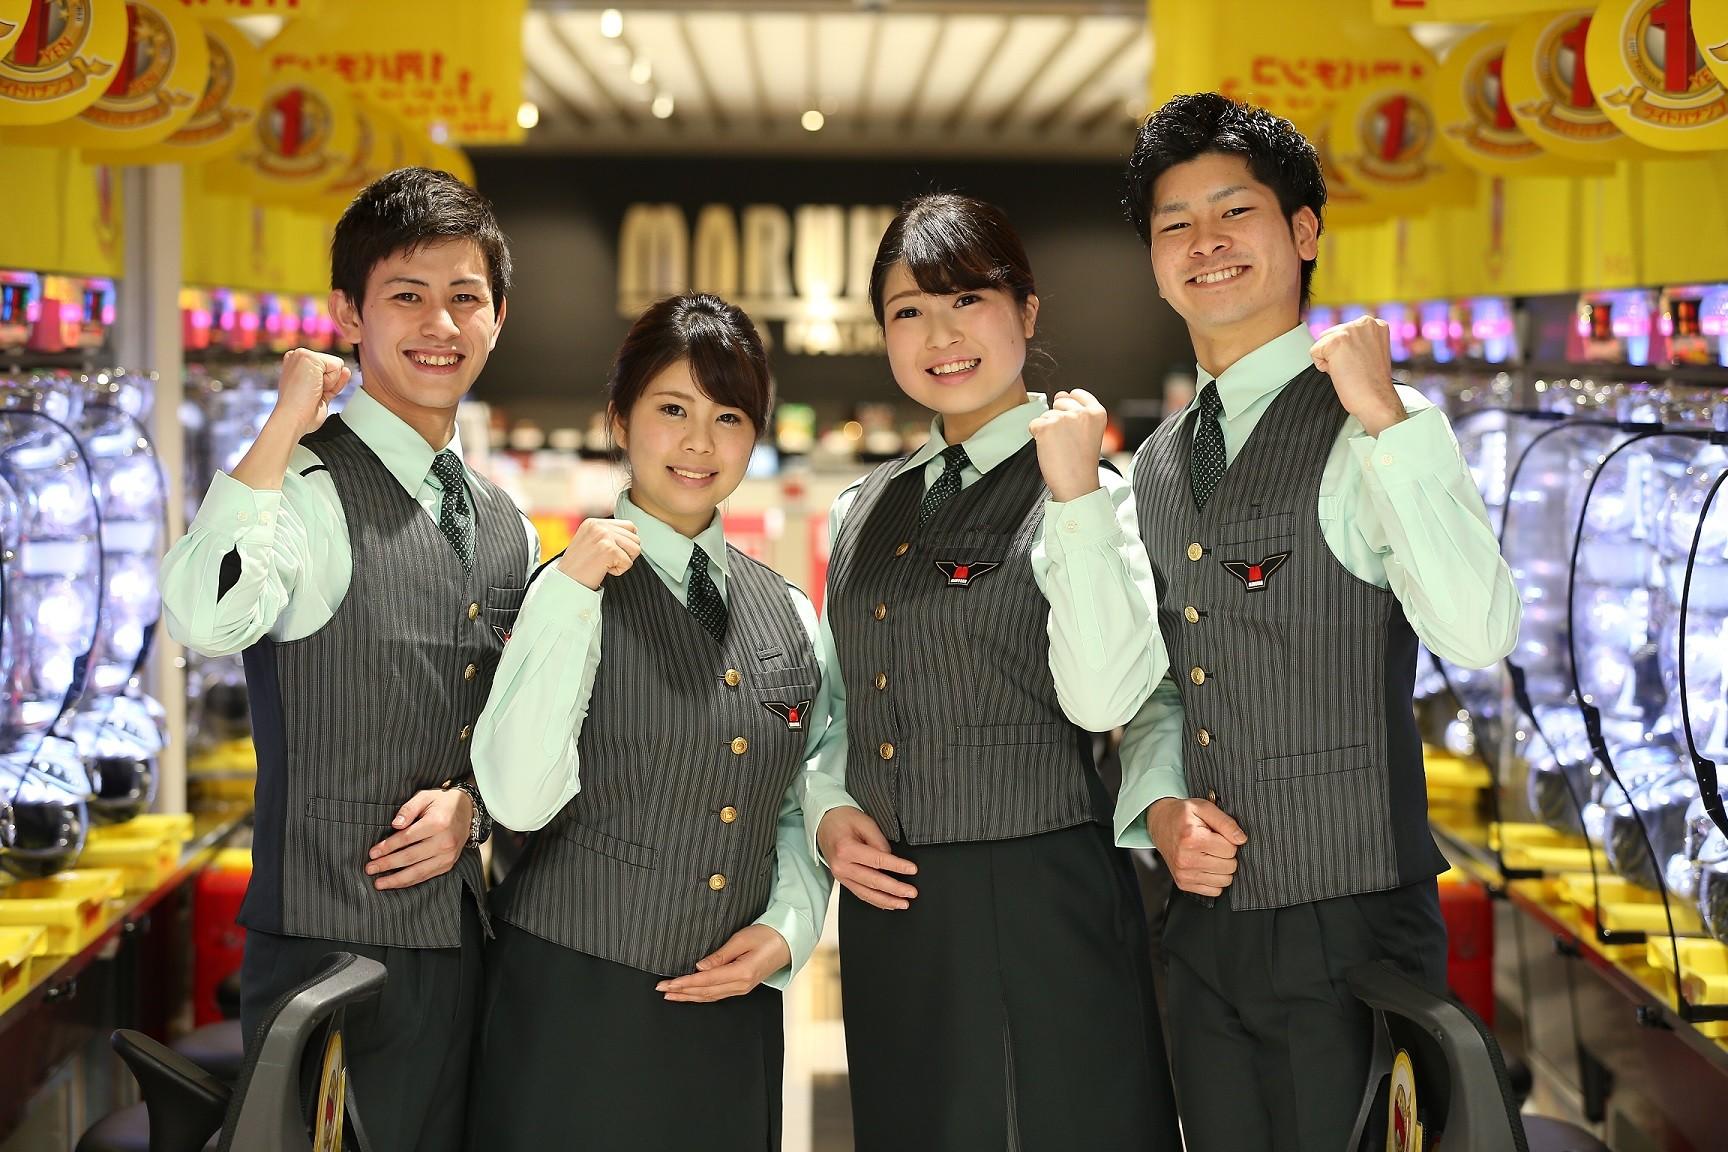 マルハン 鷹岡店[2105] のアルバイト情報